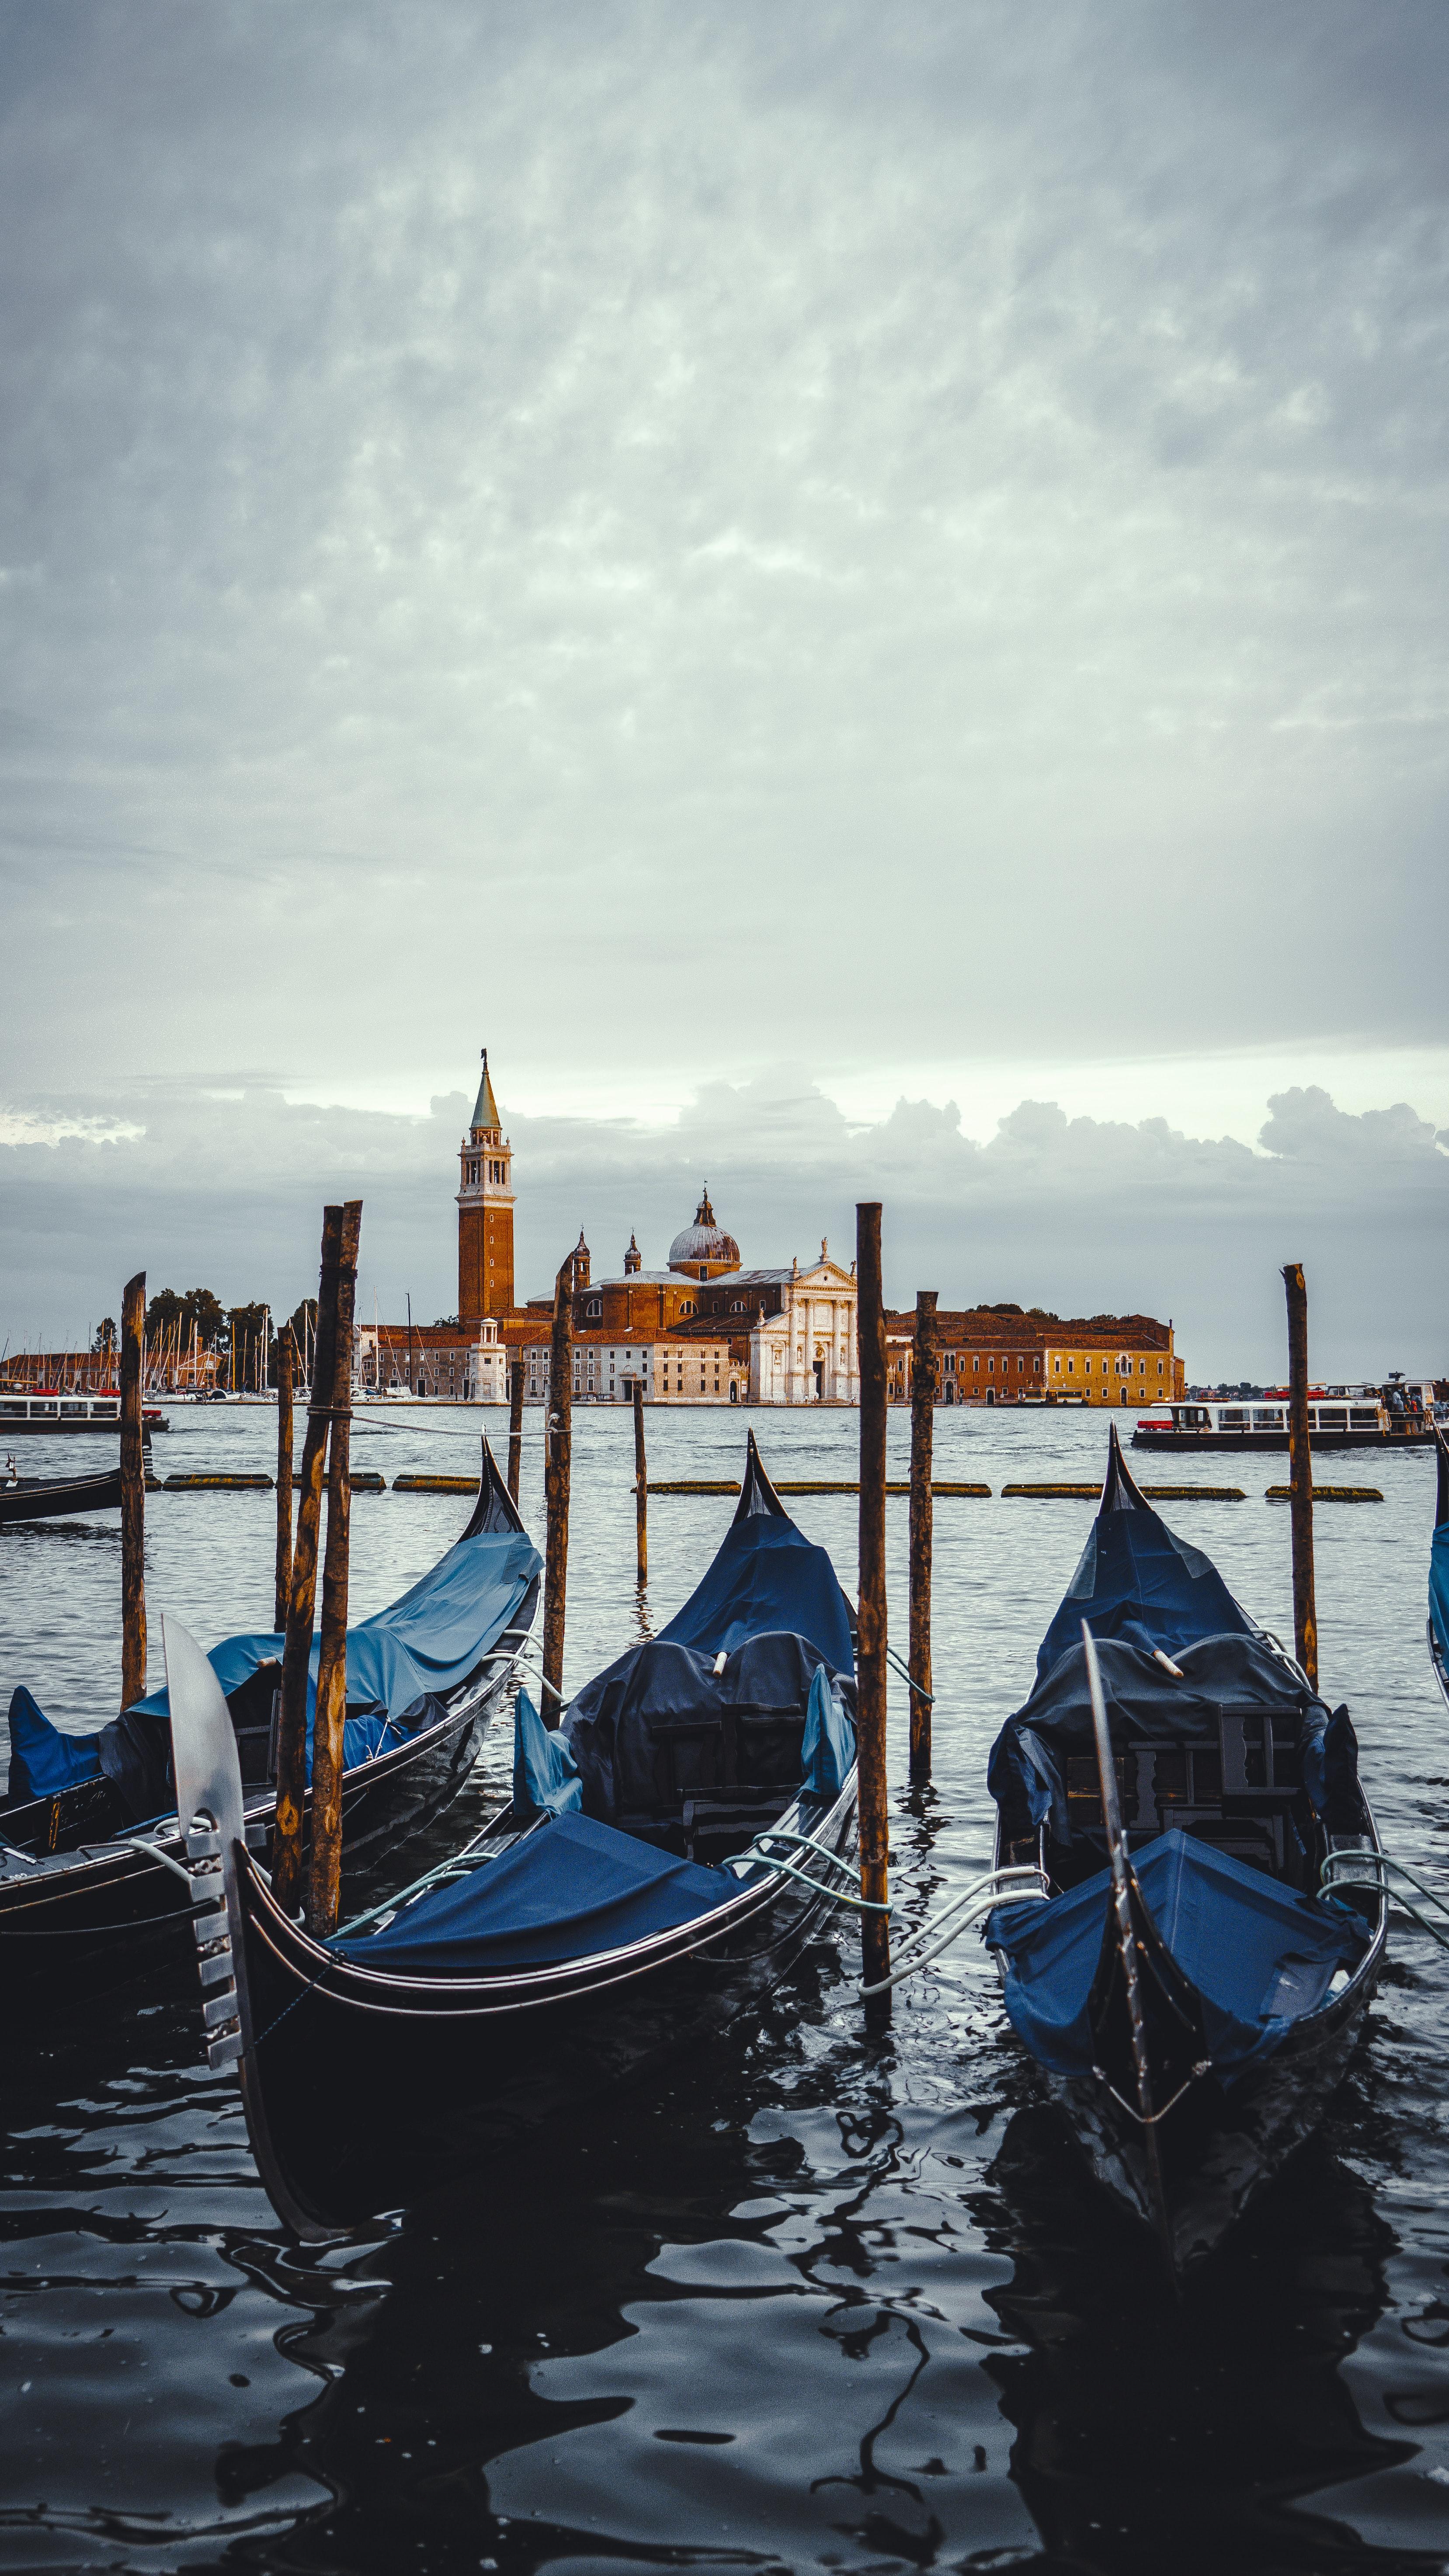 62830 скачать обои Венеция, Италия, Города, Вода, Лодки, Город, Гондолы - заставки и картинки бесплатно